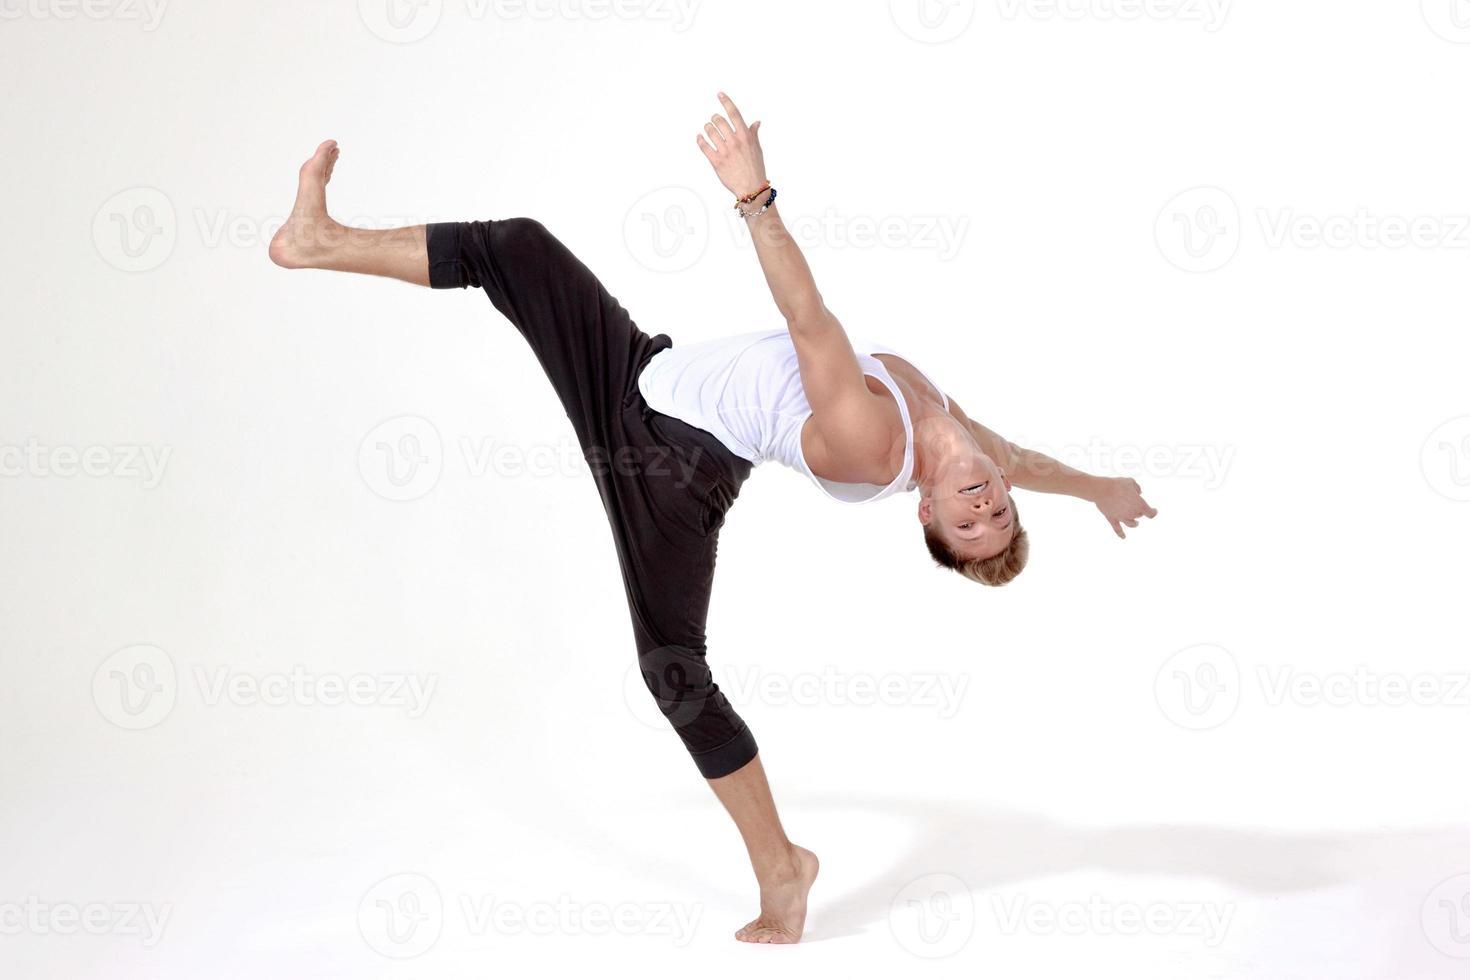 ballerino in equilibrio con una gamba sollevata in aria foto